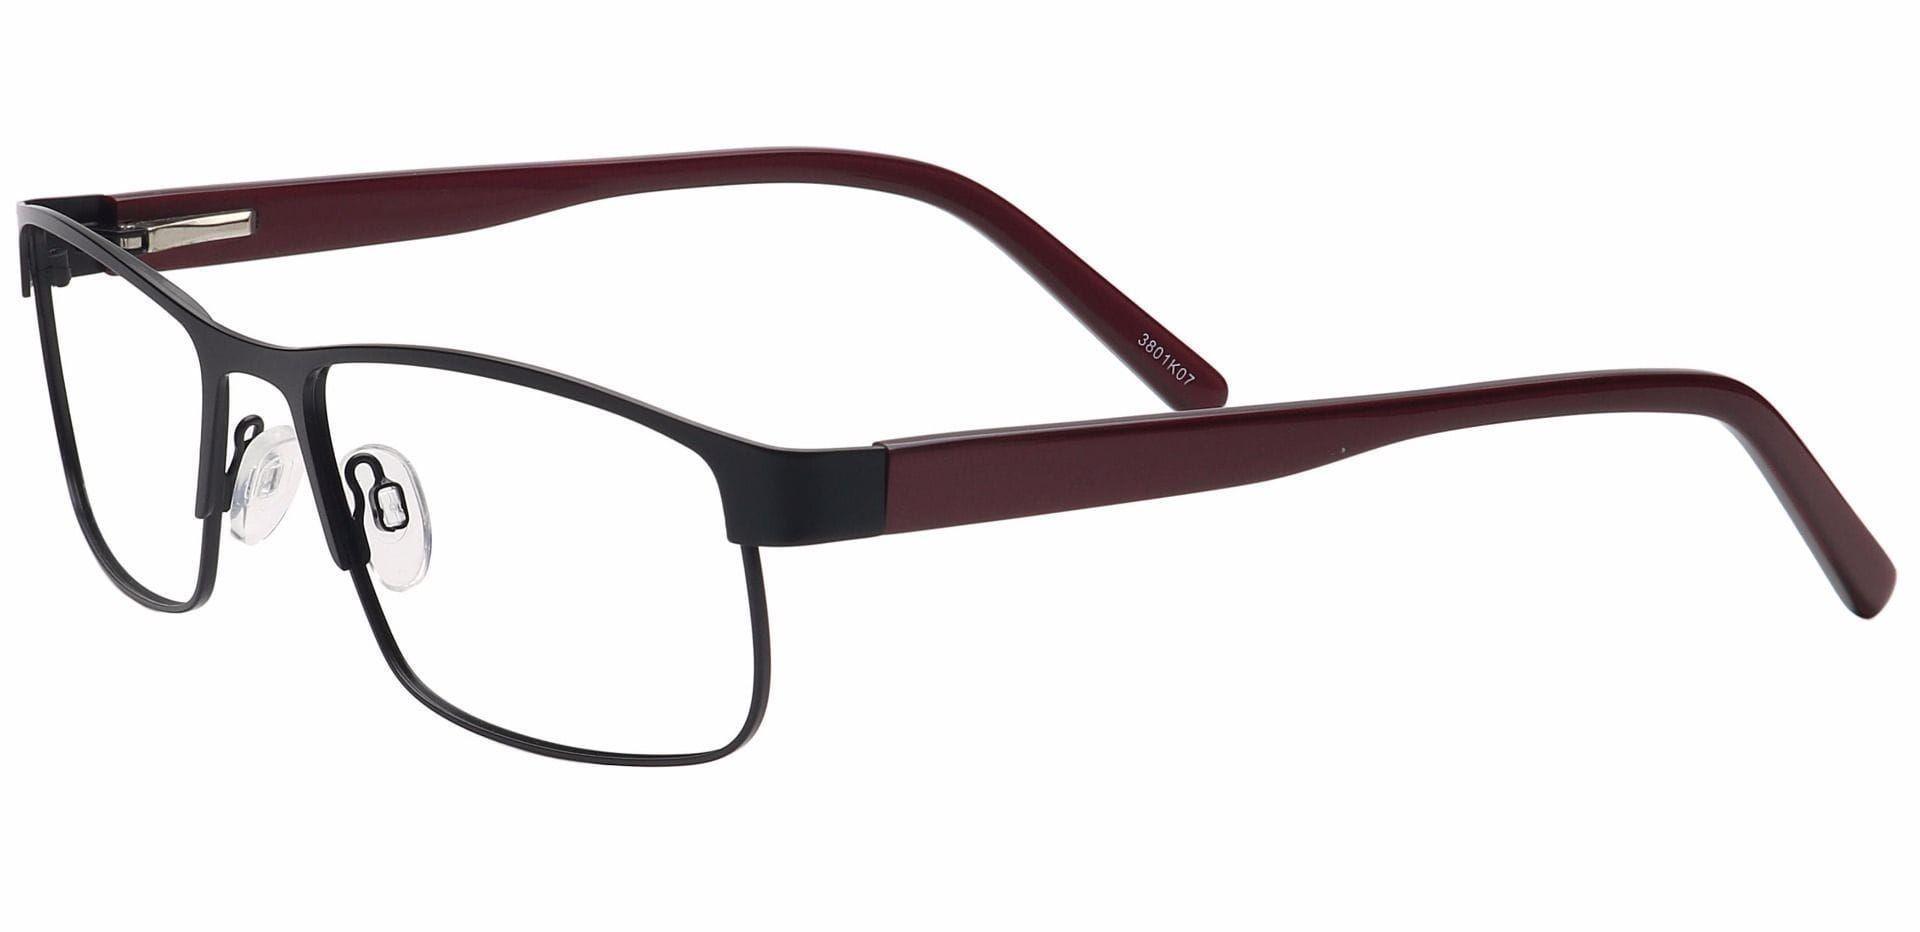 Taun Rectangle Eyeglasses Frame - Black